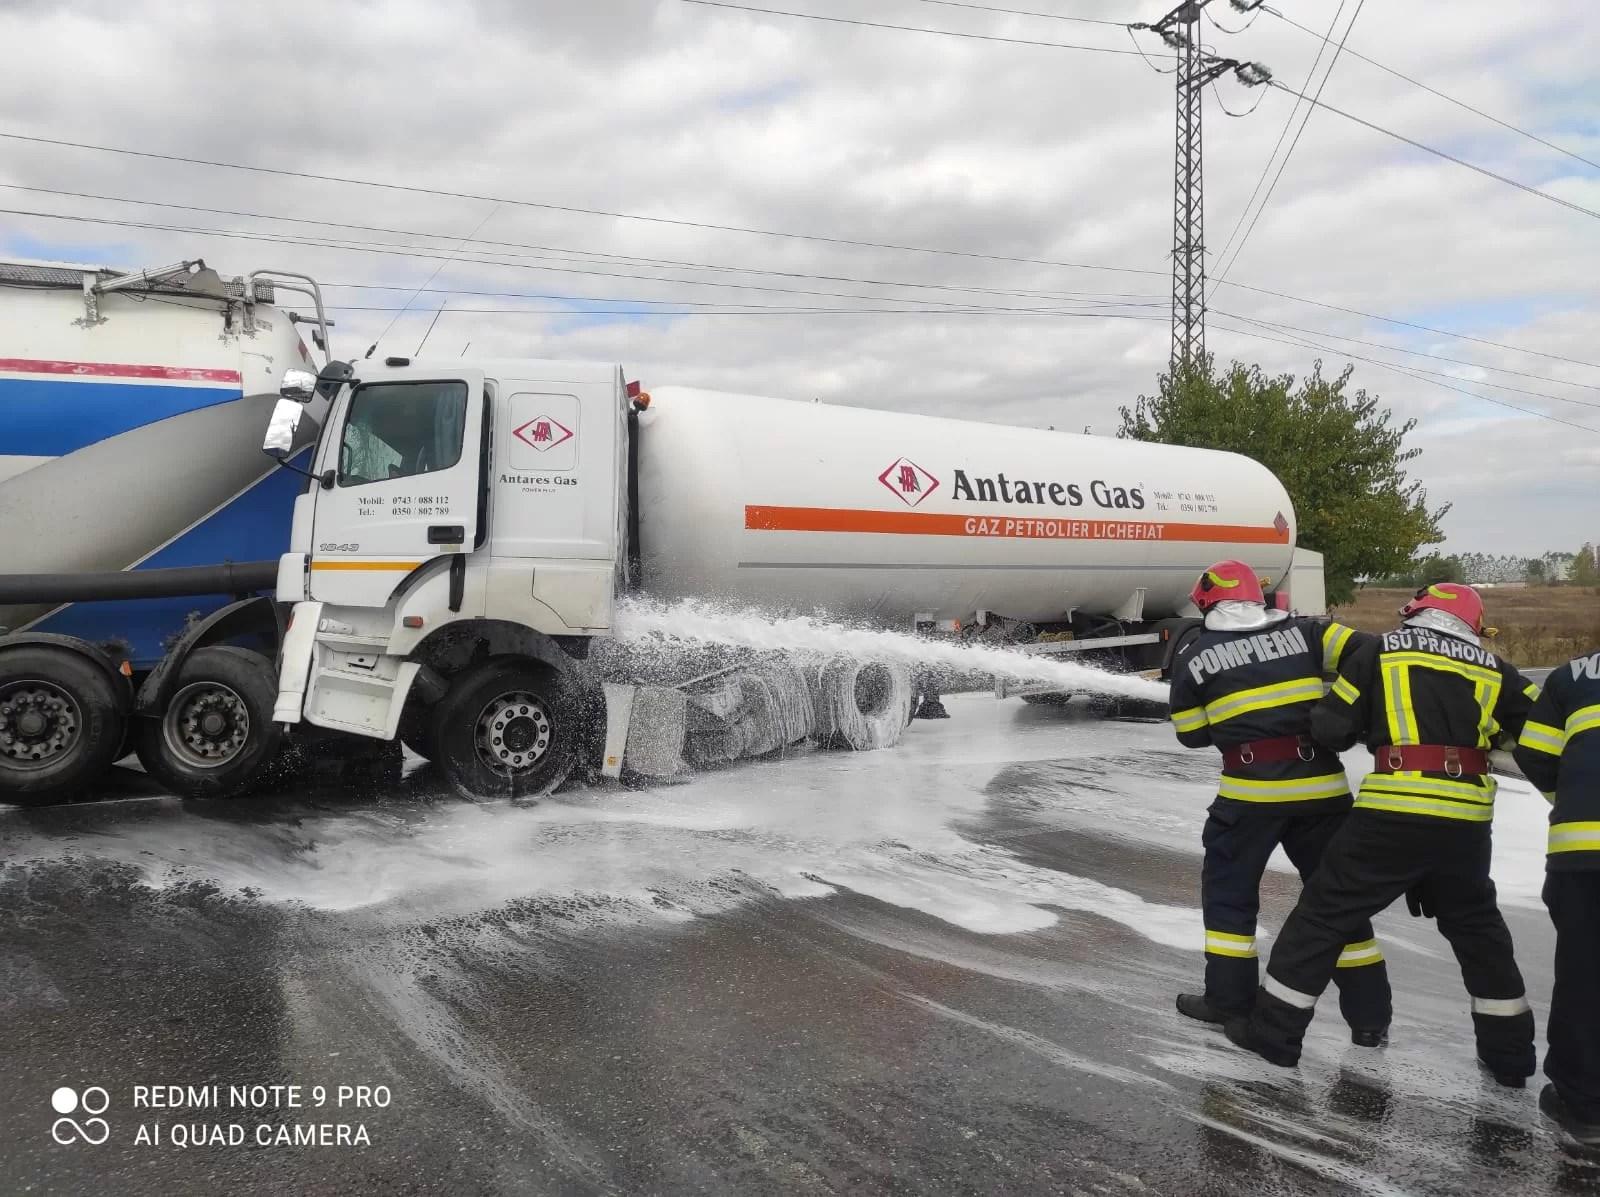 Doi coloși ai șoselelor, unul fiind plin cu combustibil lichid, s-au ciocnit pe DN72